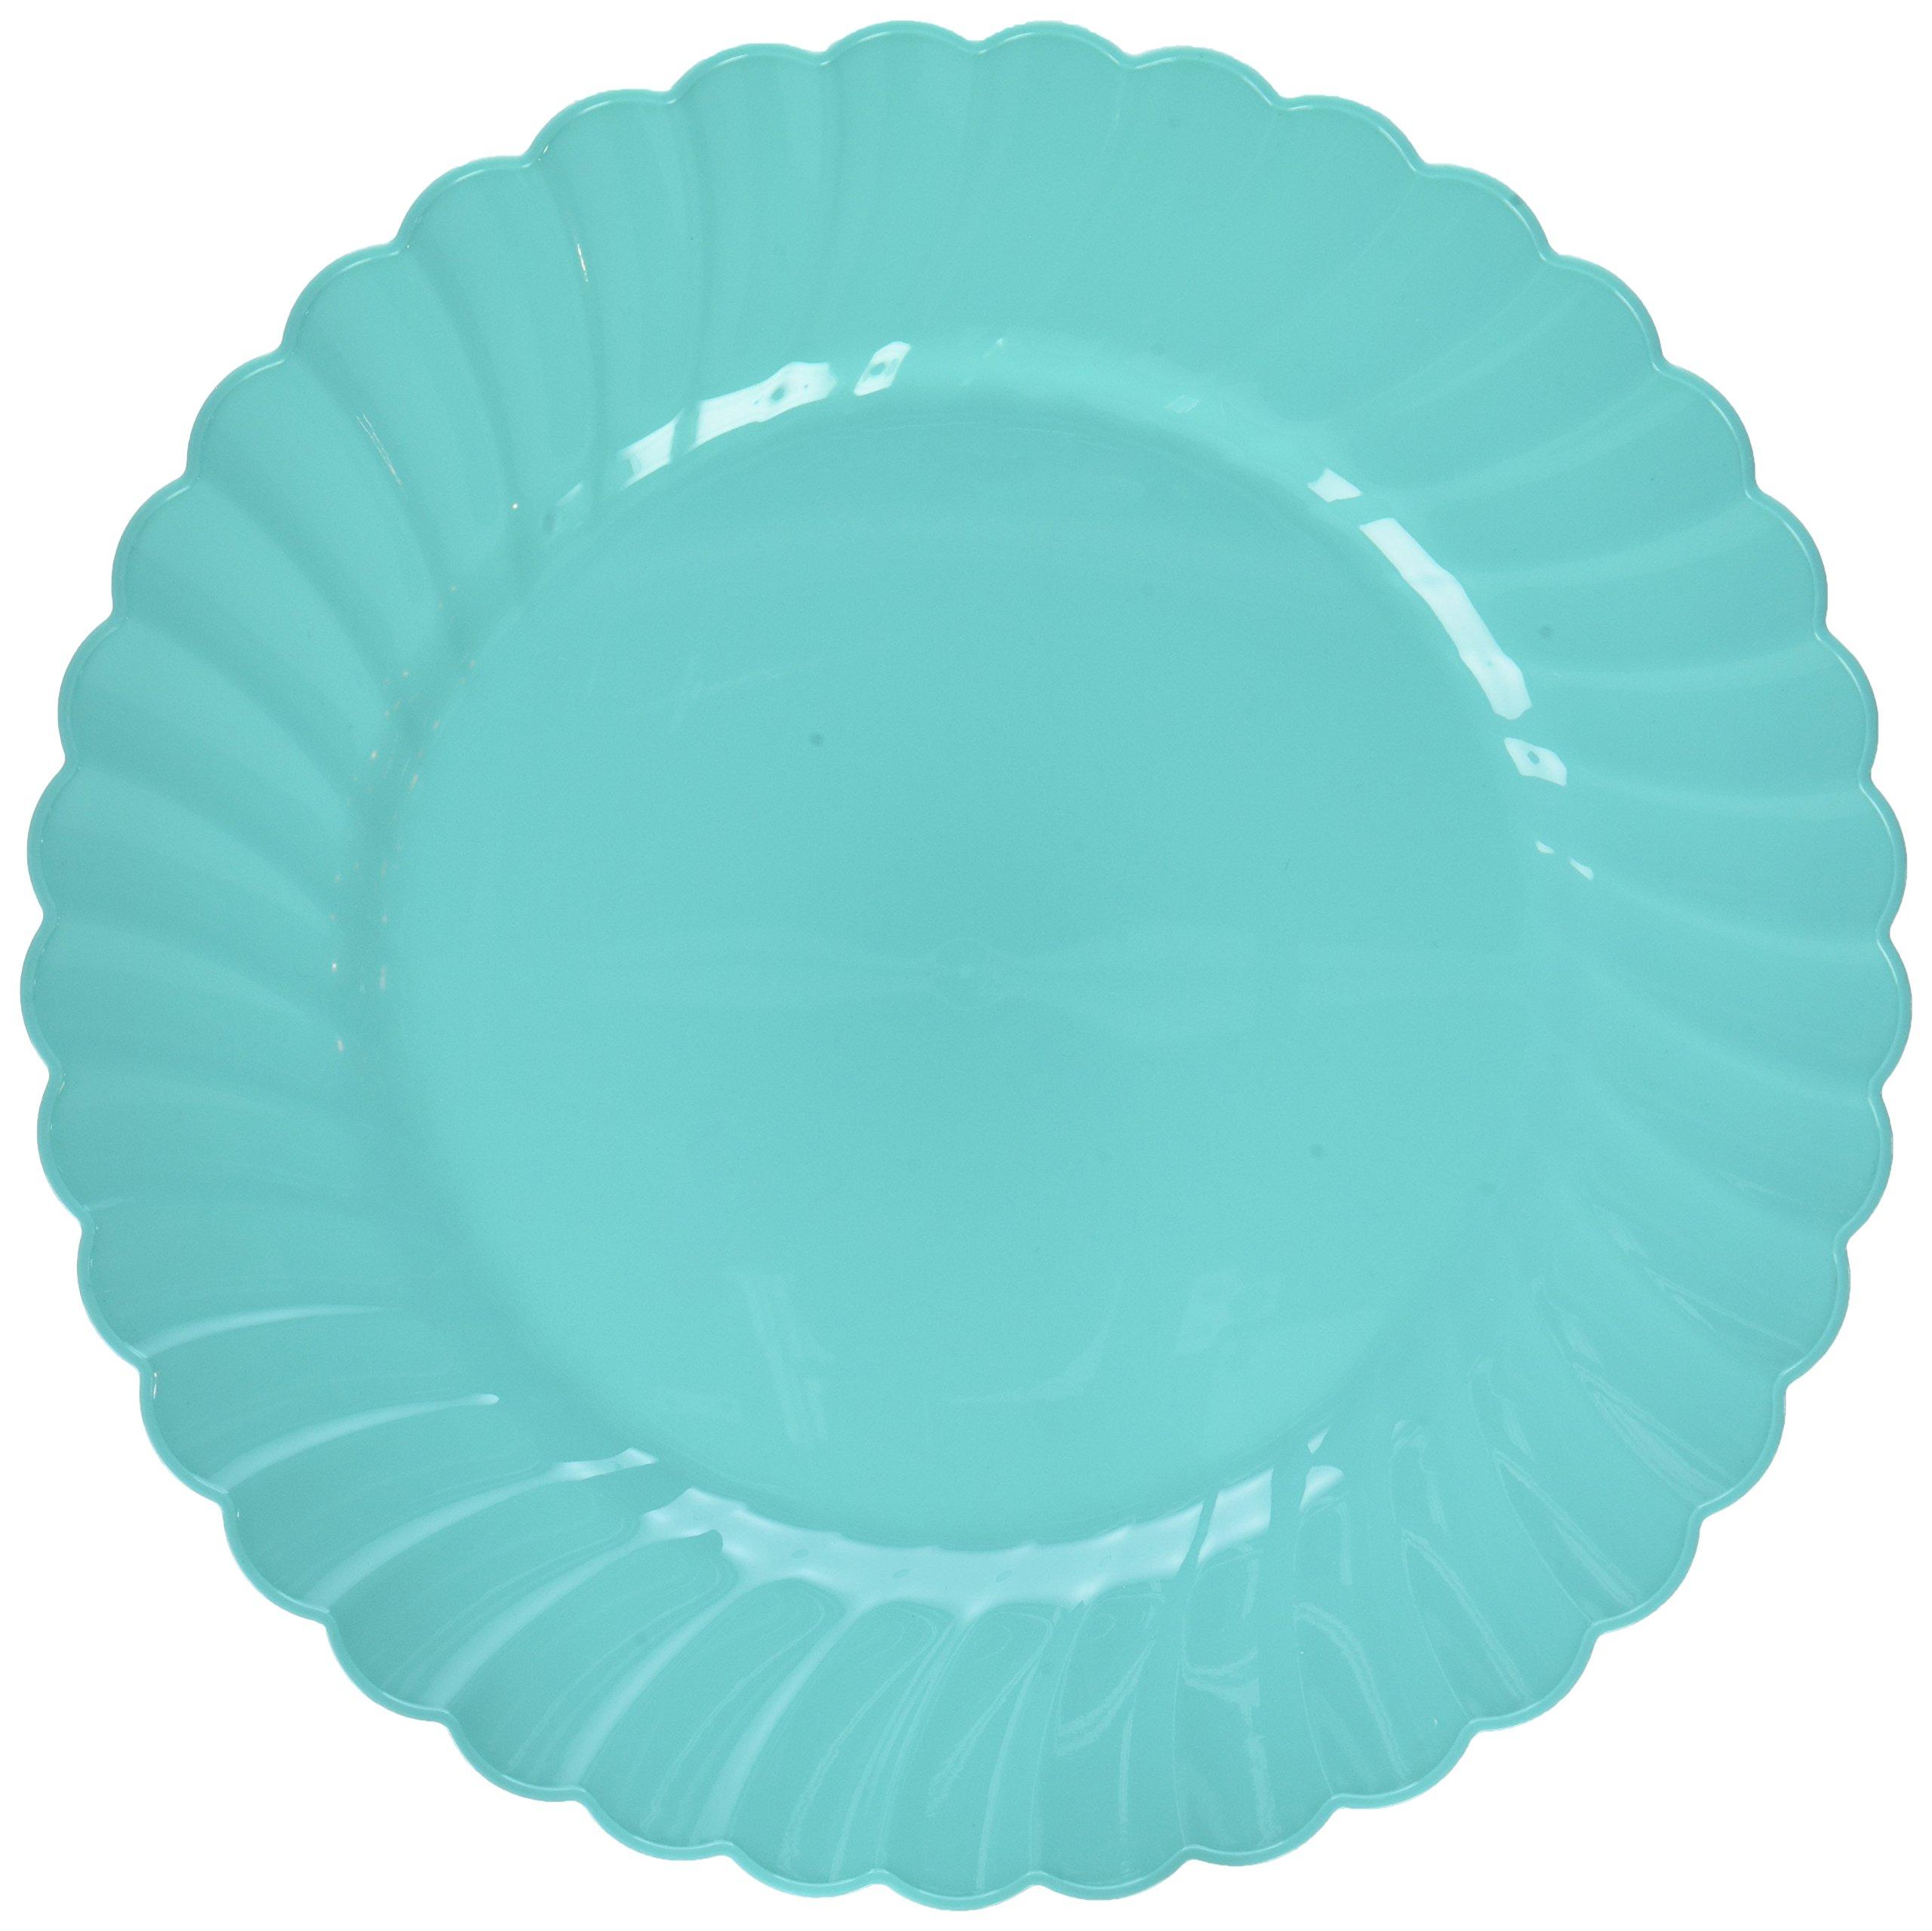 Amscan 430901.121 Plastic Plates, 10 1/4'', Robin's Egg Blue